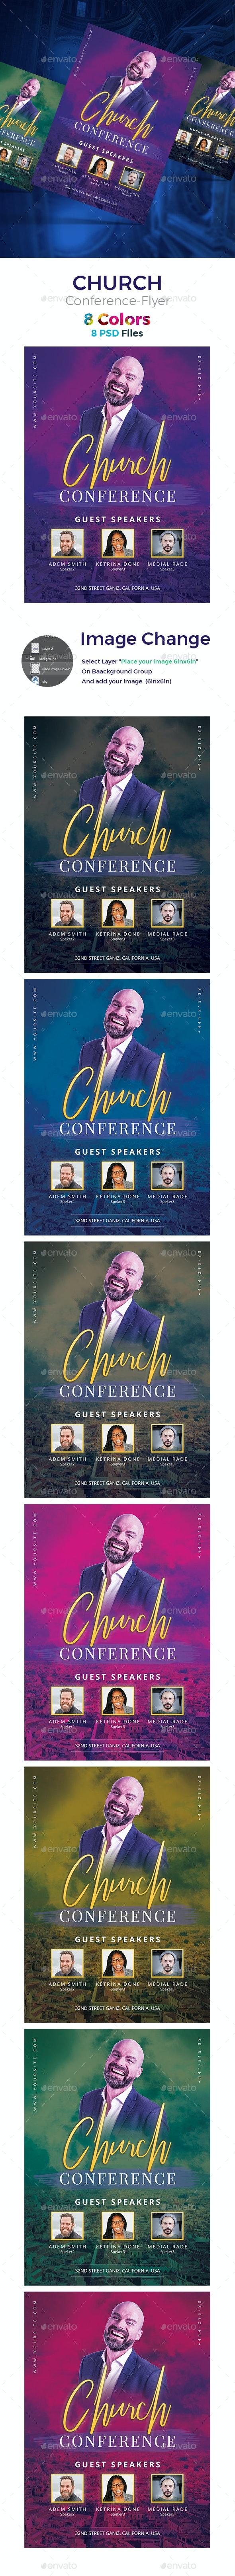 Top- Church Flyer Template - Church Flyers